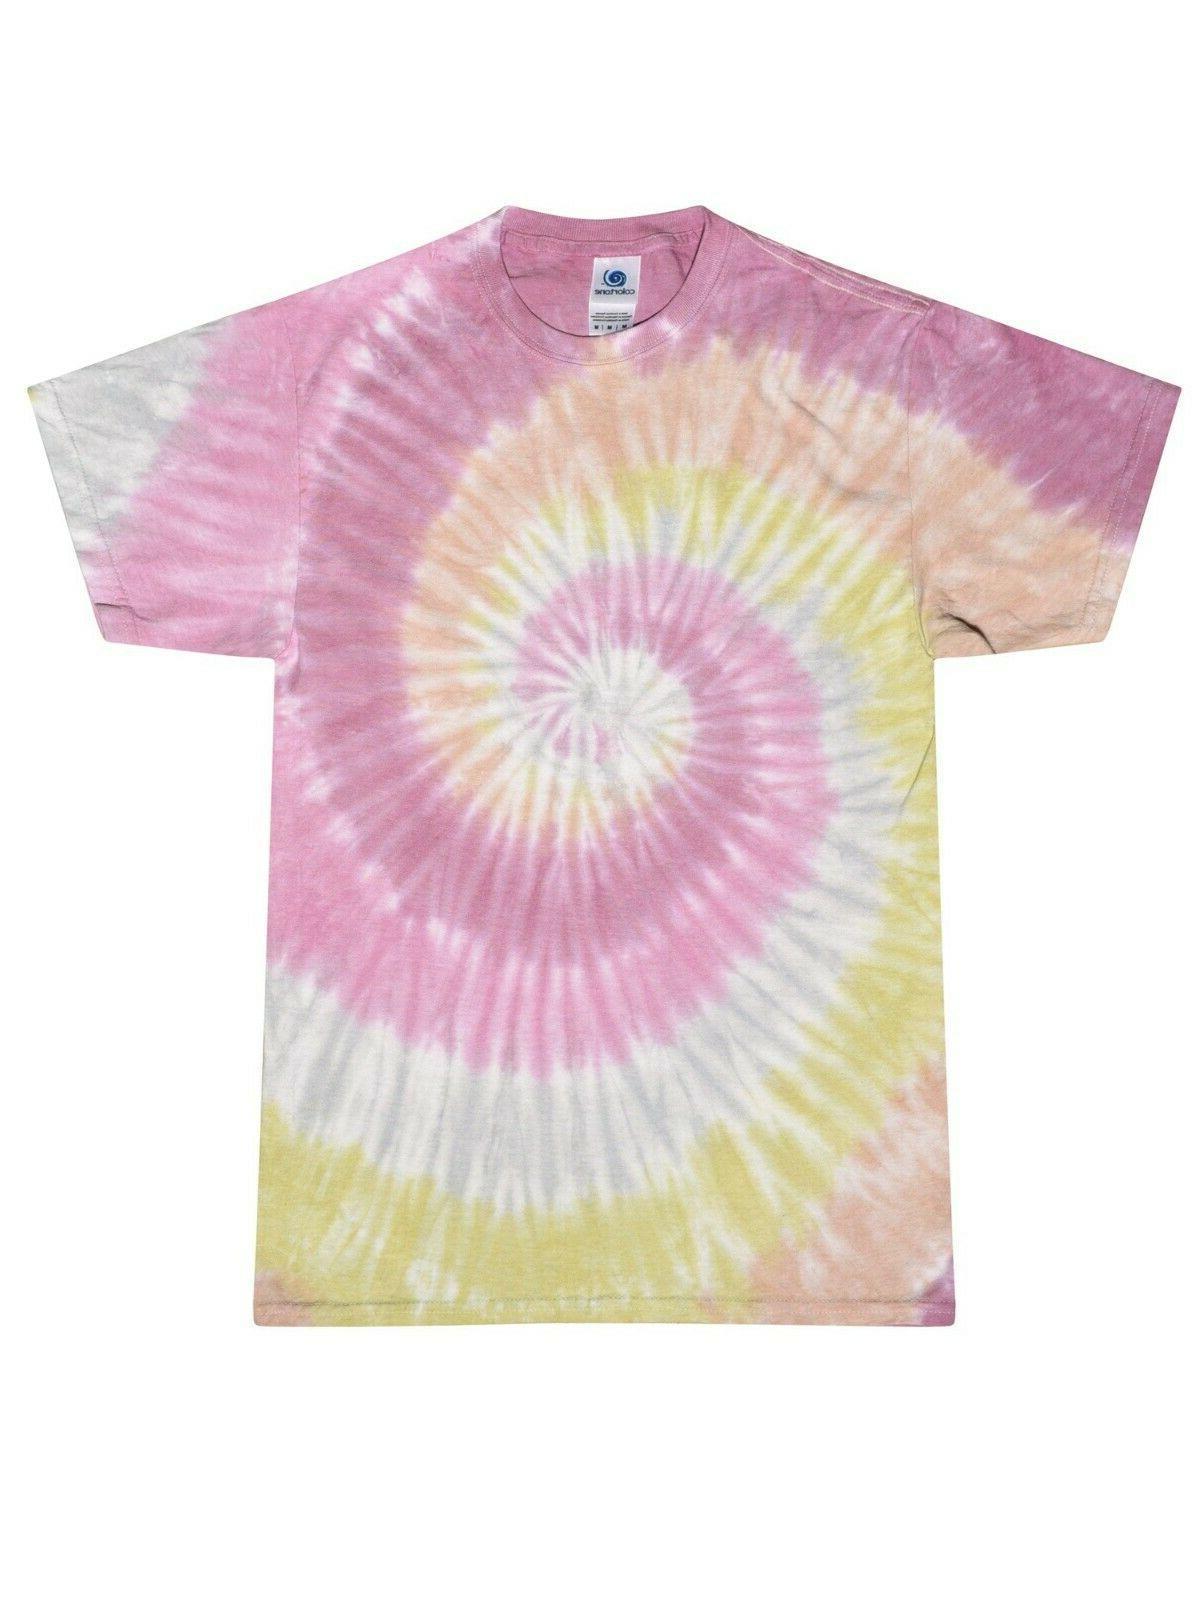 Vibrant T-Shirts Adult XXXXXL Cotton Colortone